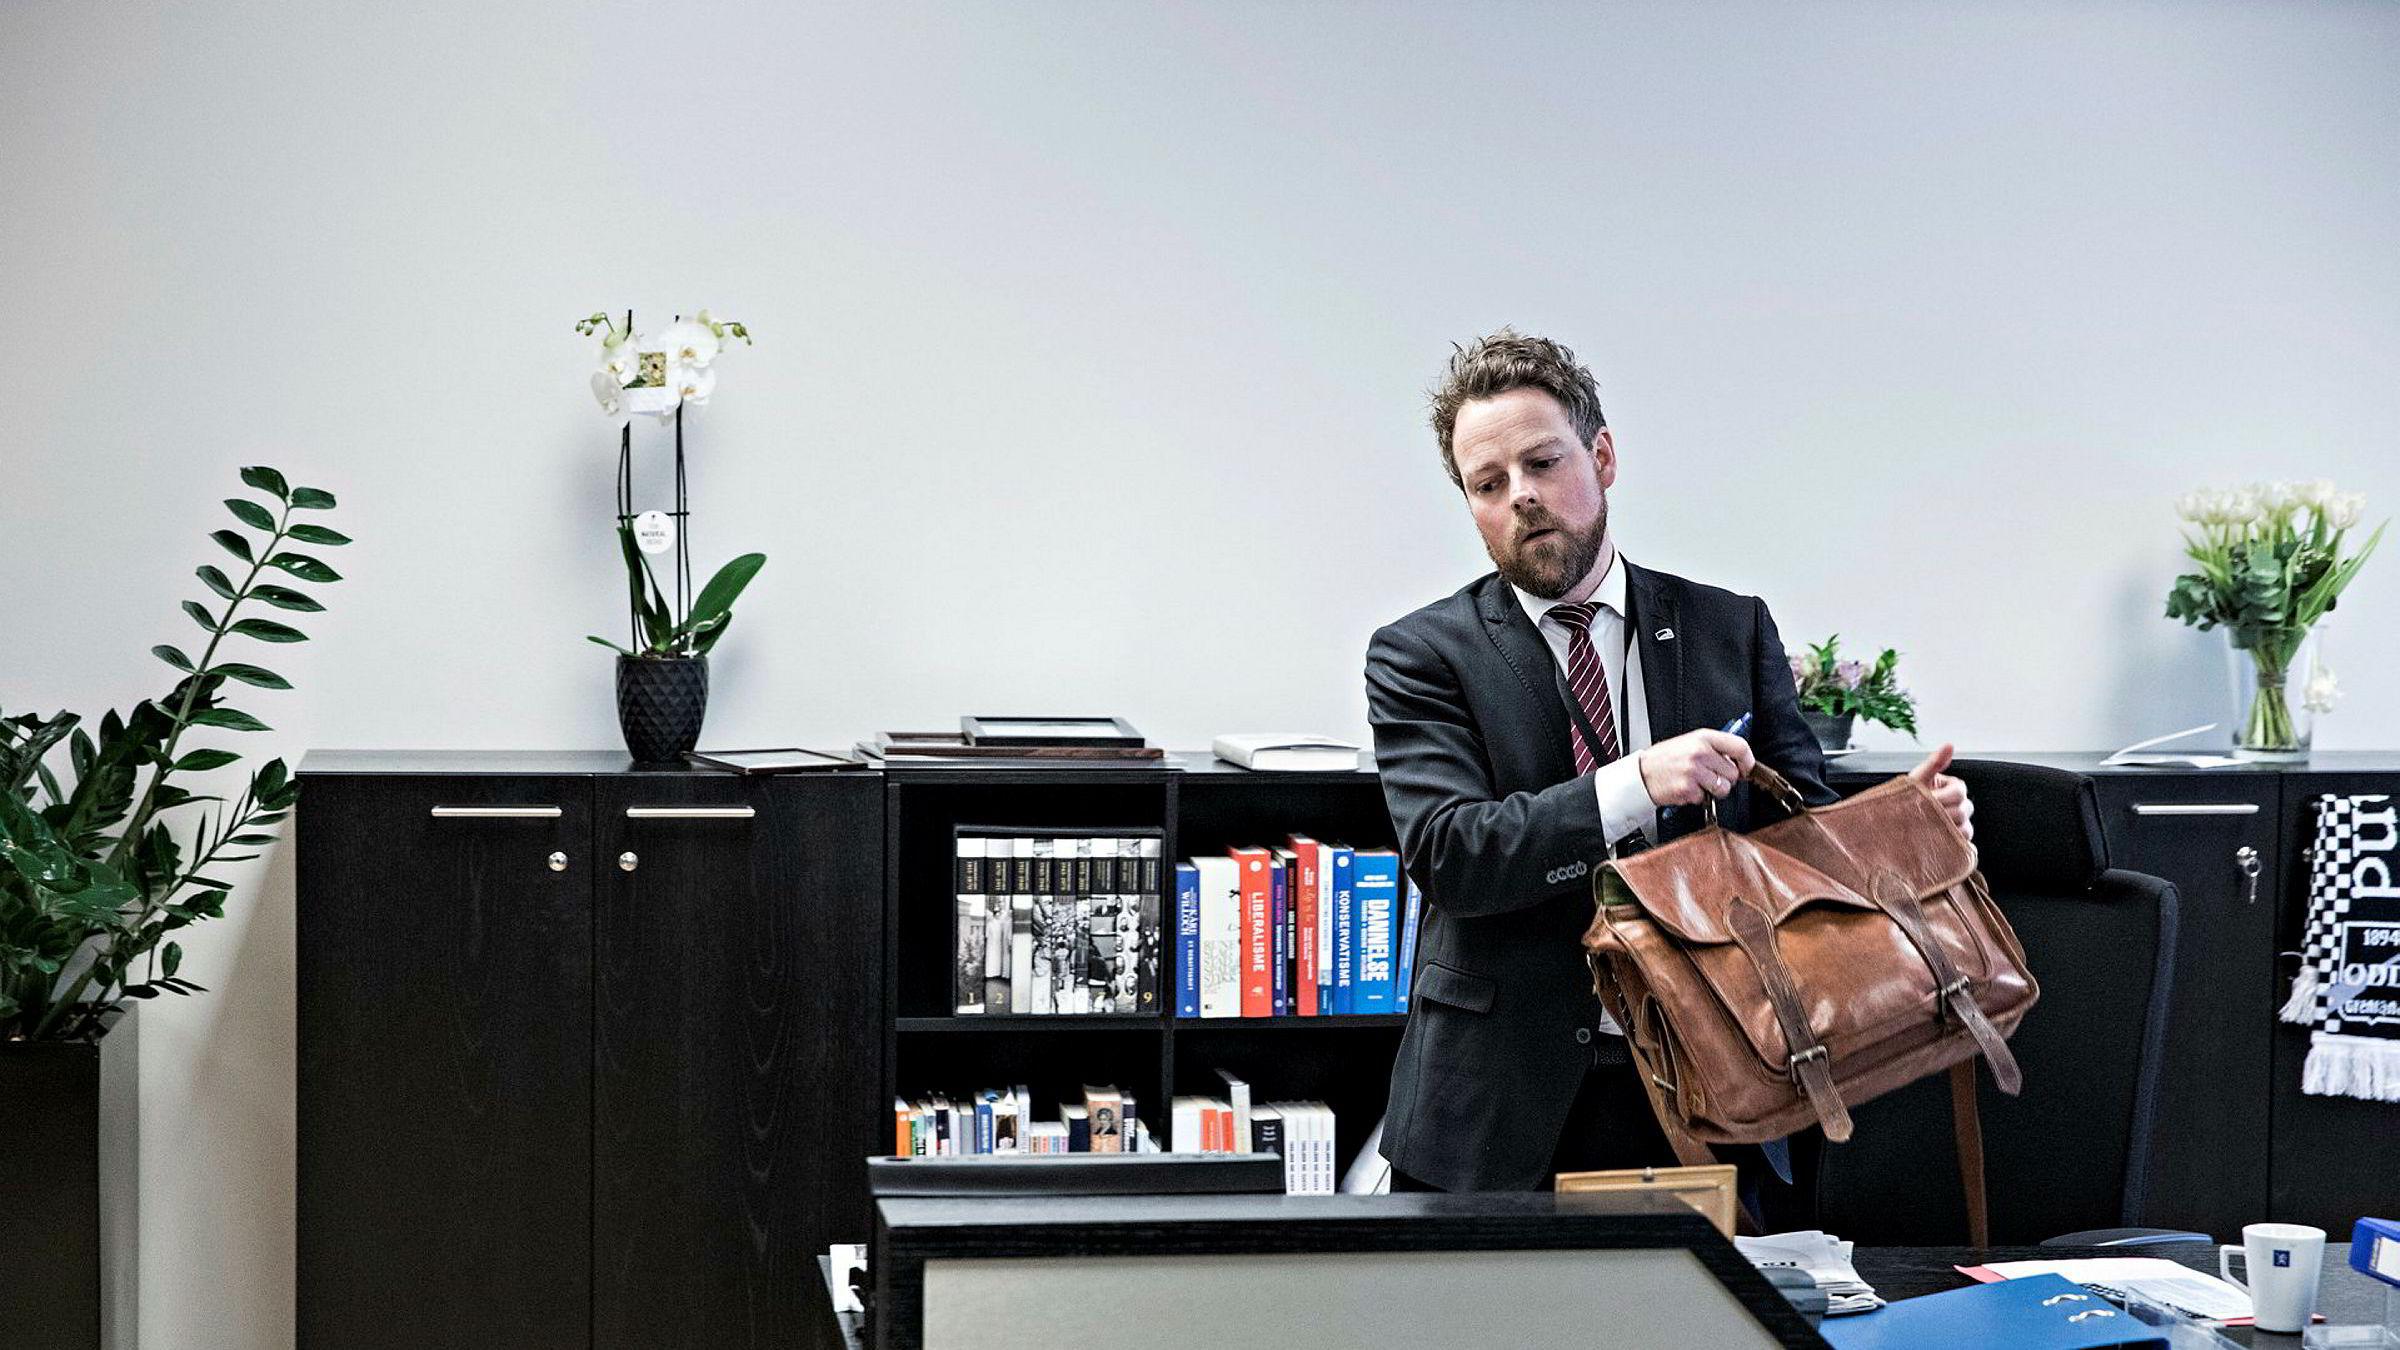 Næringsminister Torbjørn Røe Isaksen har nettopp «flyttet» inn på nytt kontor. De siste ukene har han tenkt mye på varslingssakene i Høyre – og sin egen rolle gjennom årene.